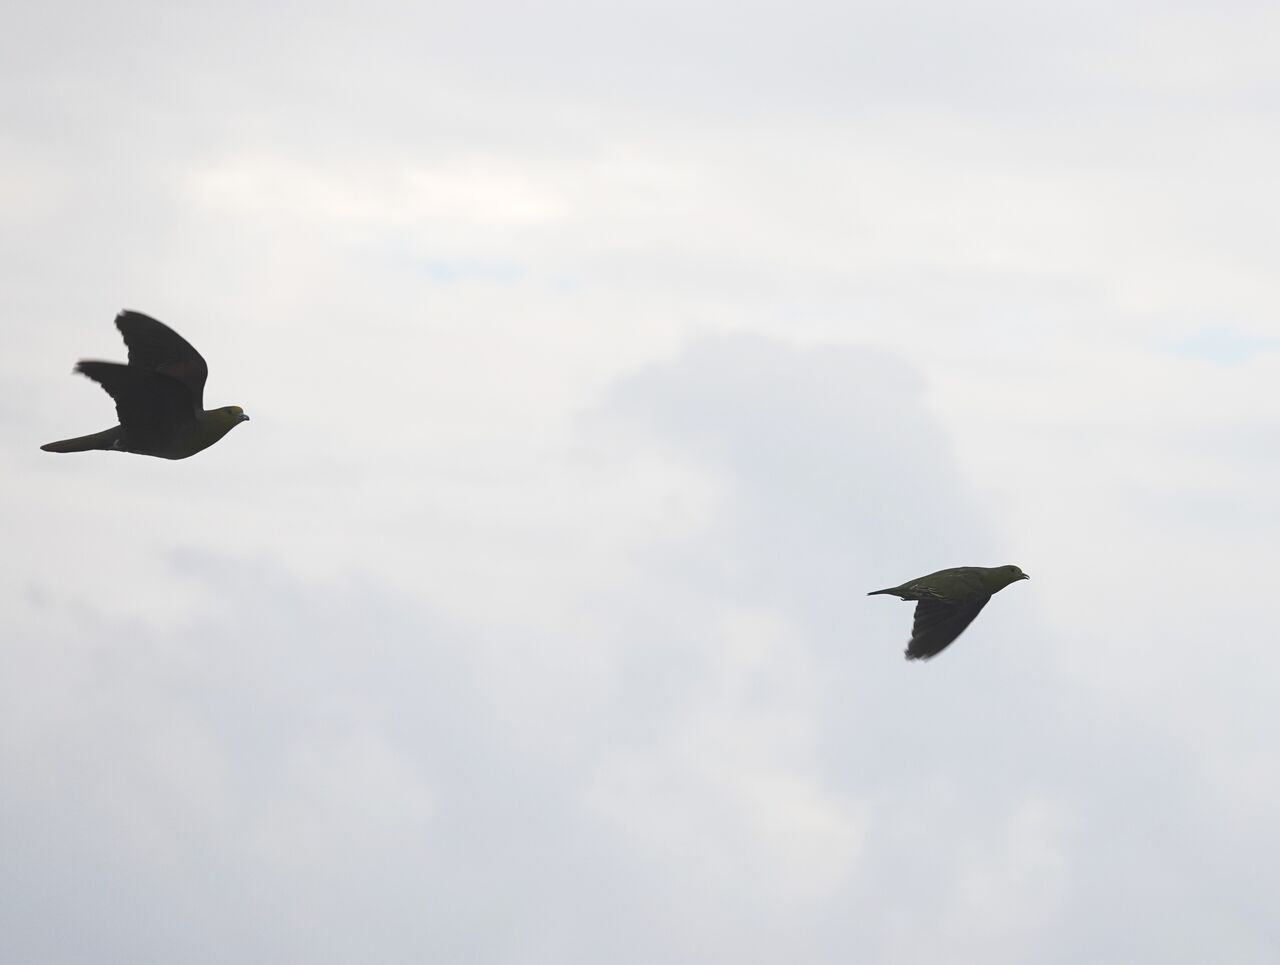 9.20用宗 近くに飛ぶアオバト